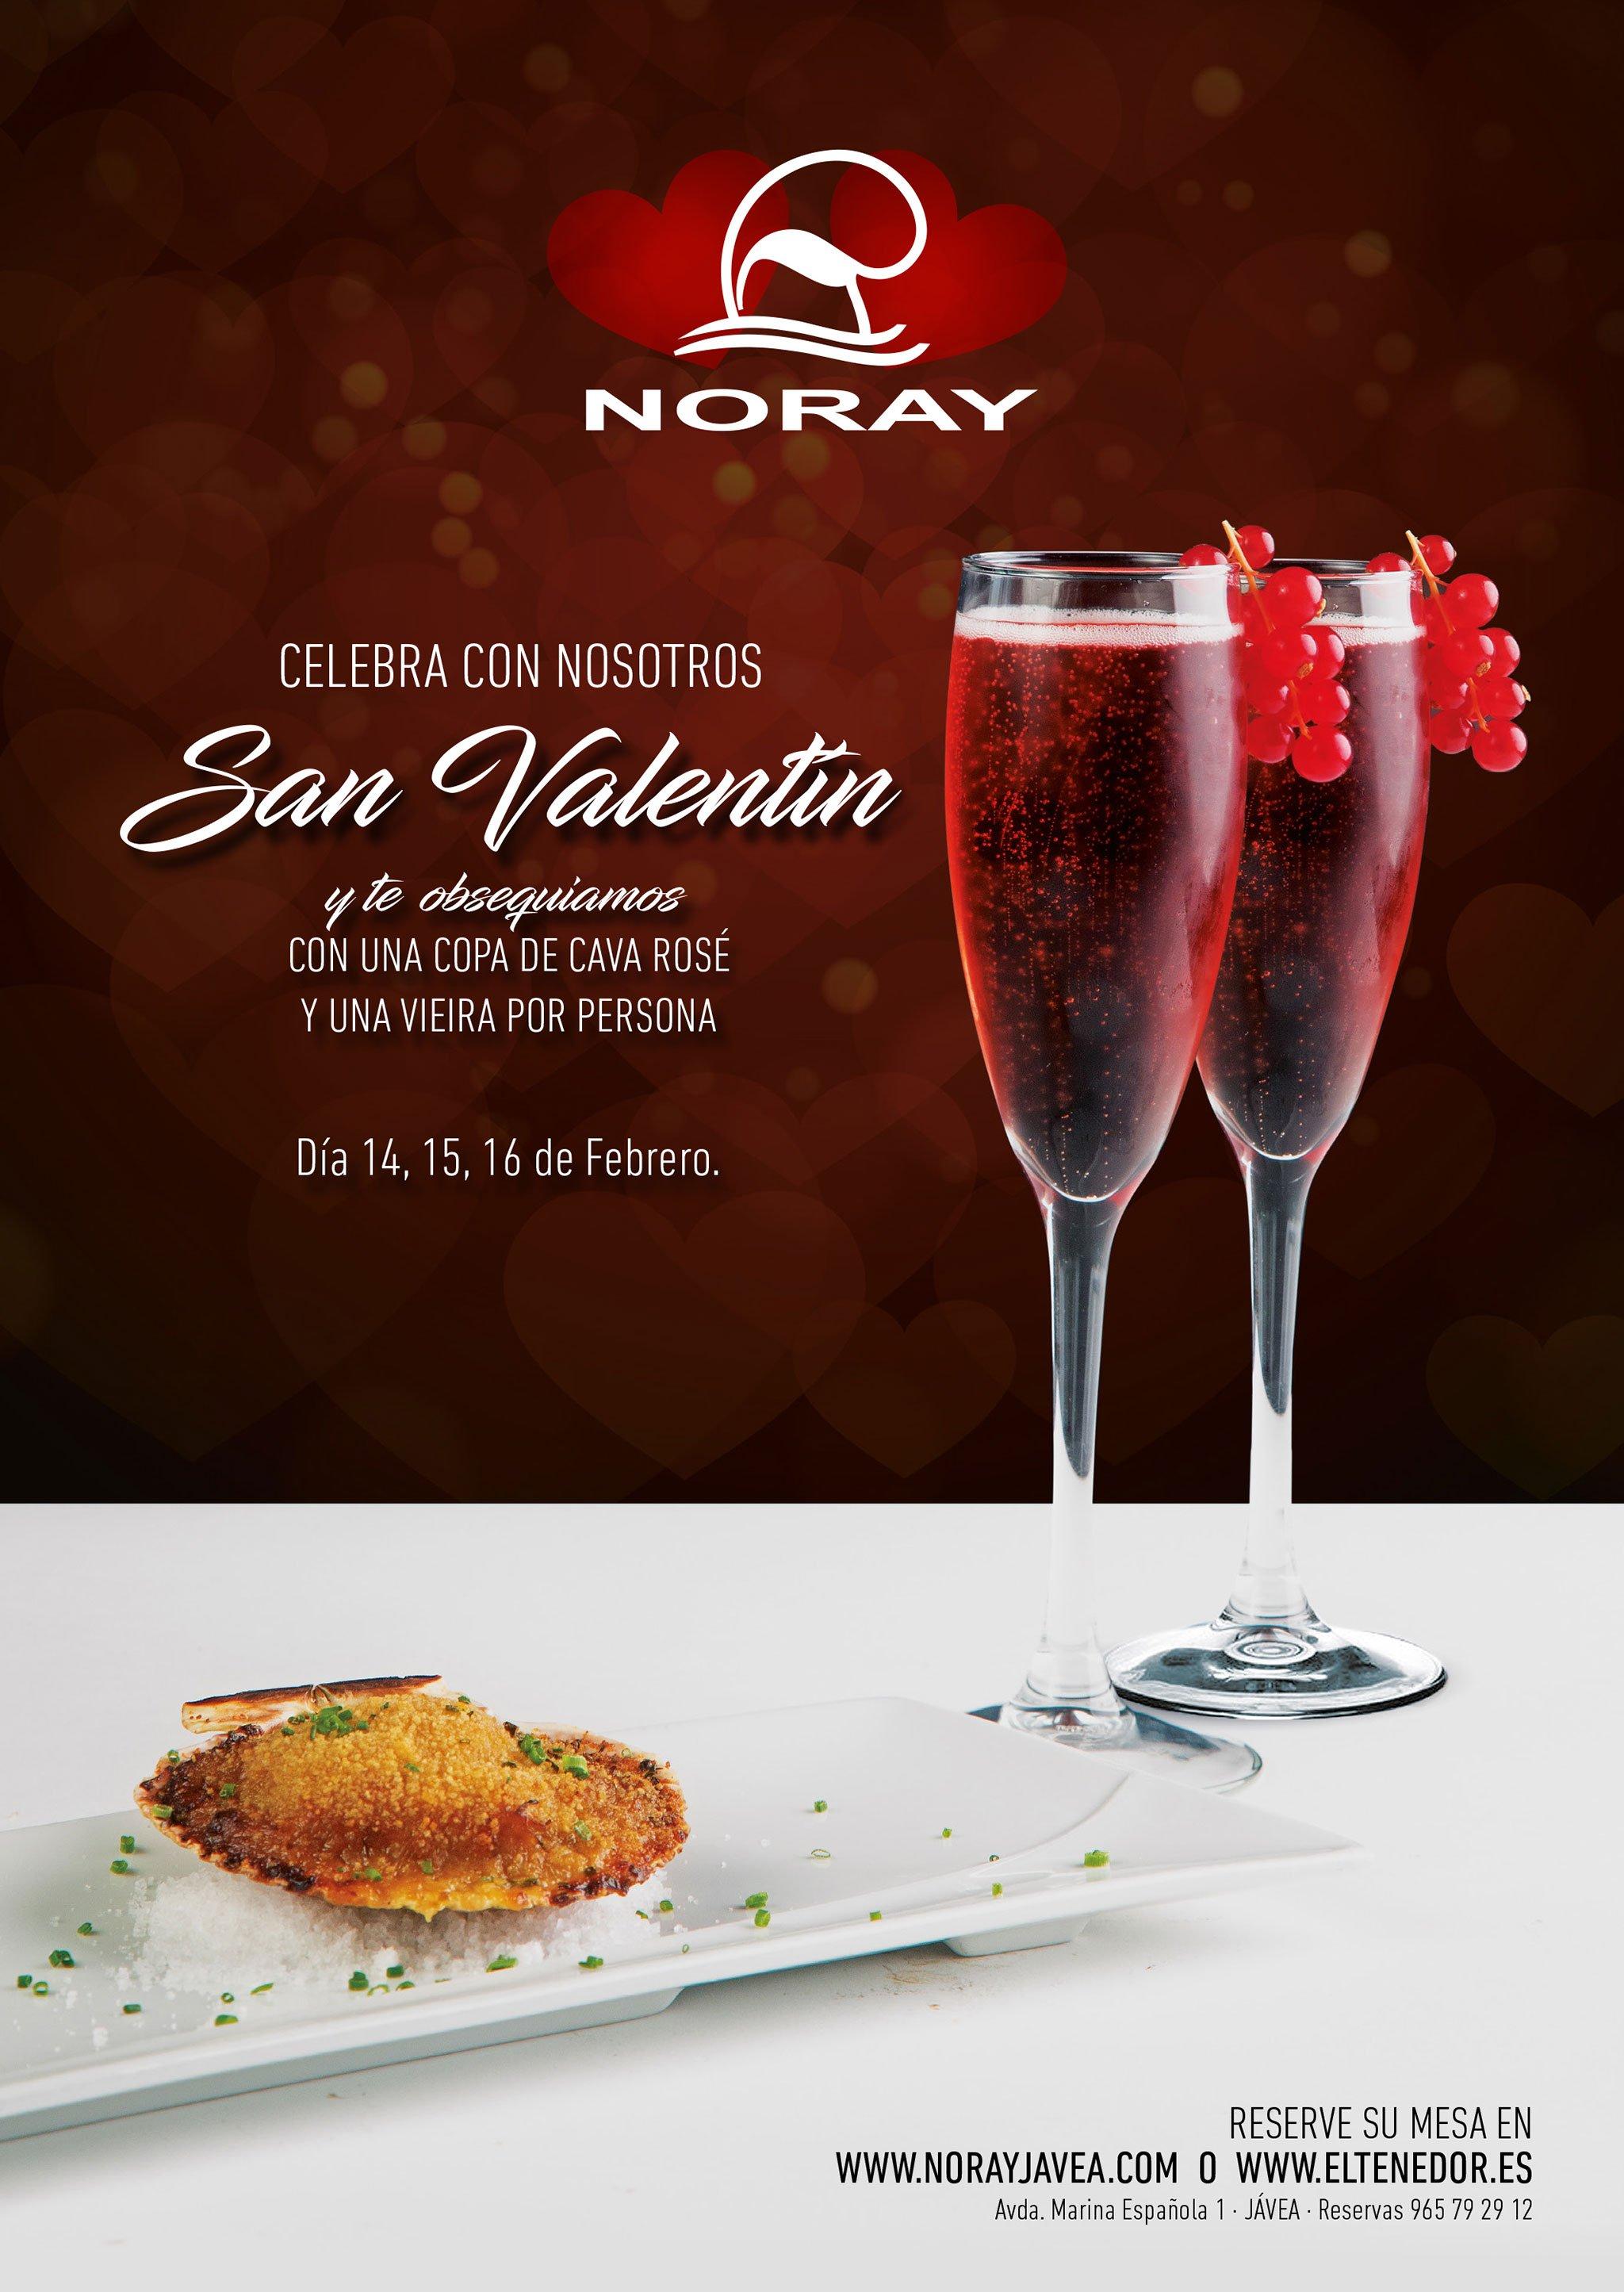 Invitación especial por San Valentín en Restaurante Noray